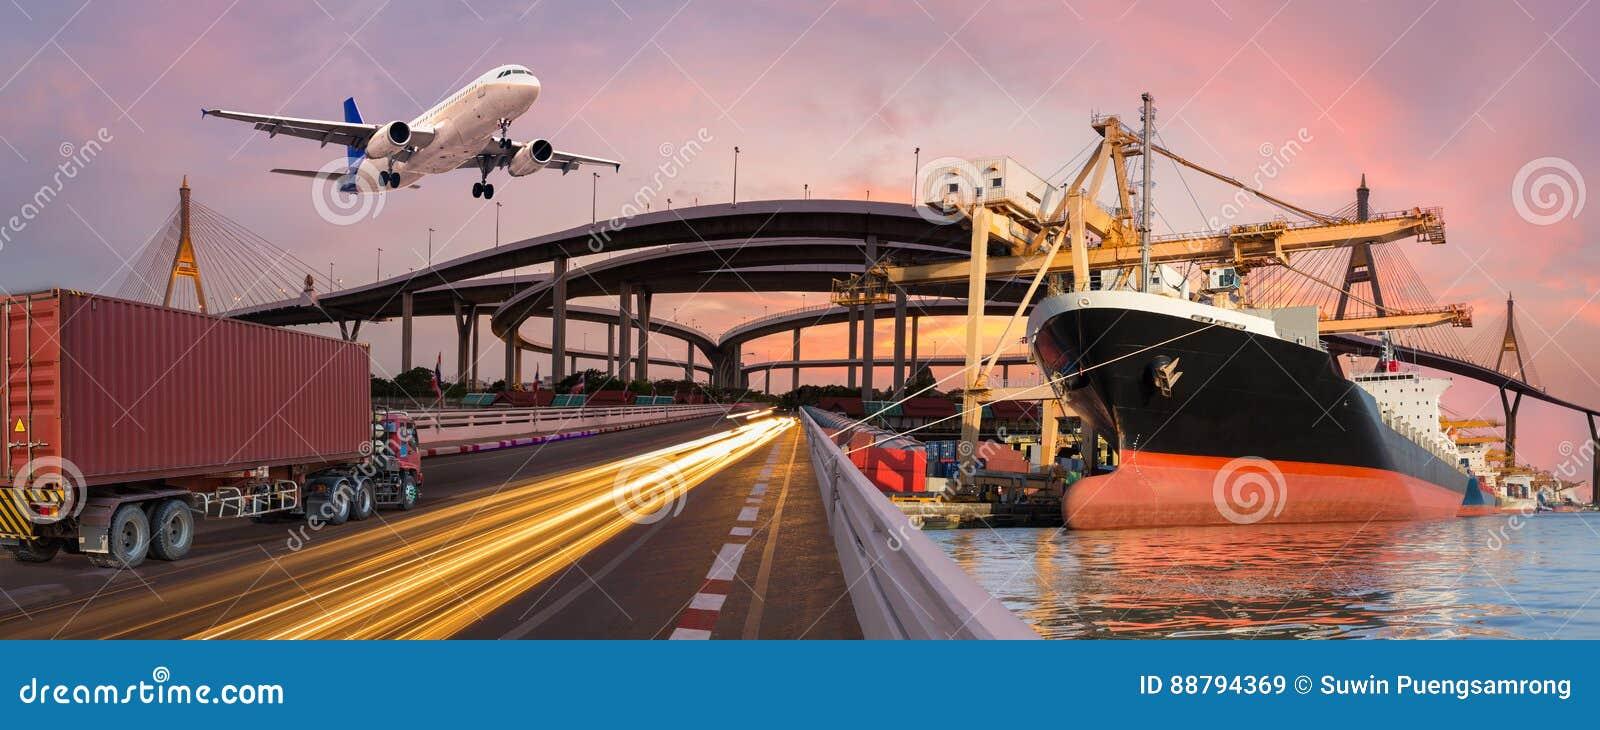 全景运输和后勤指导方针乘卡车小船飞行